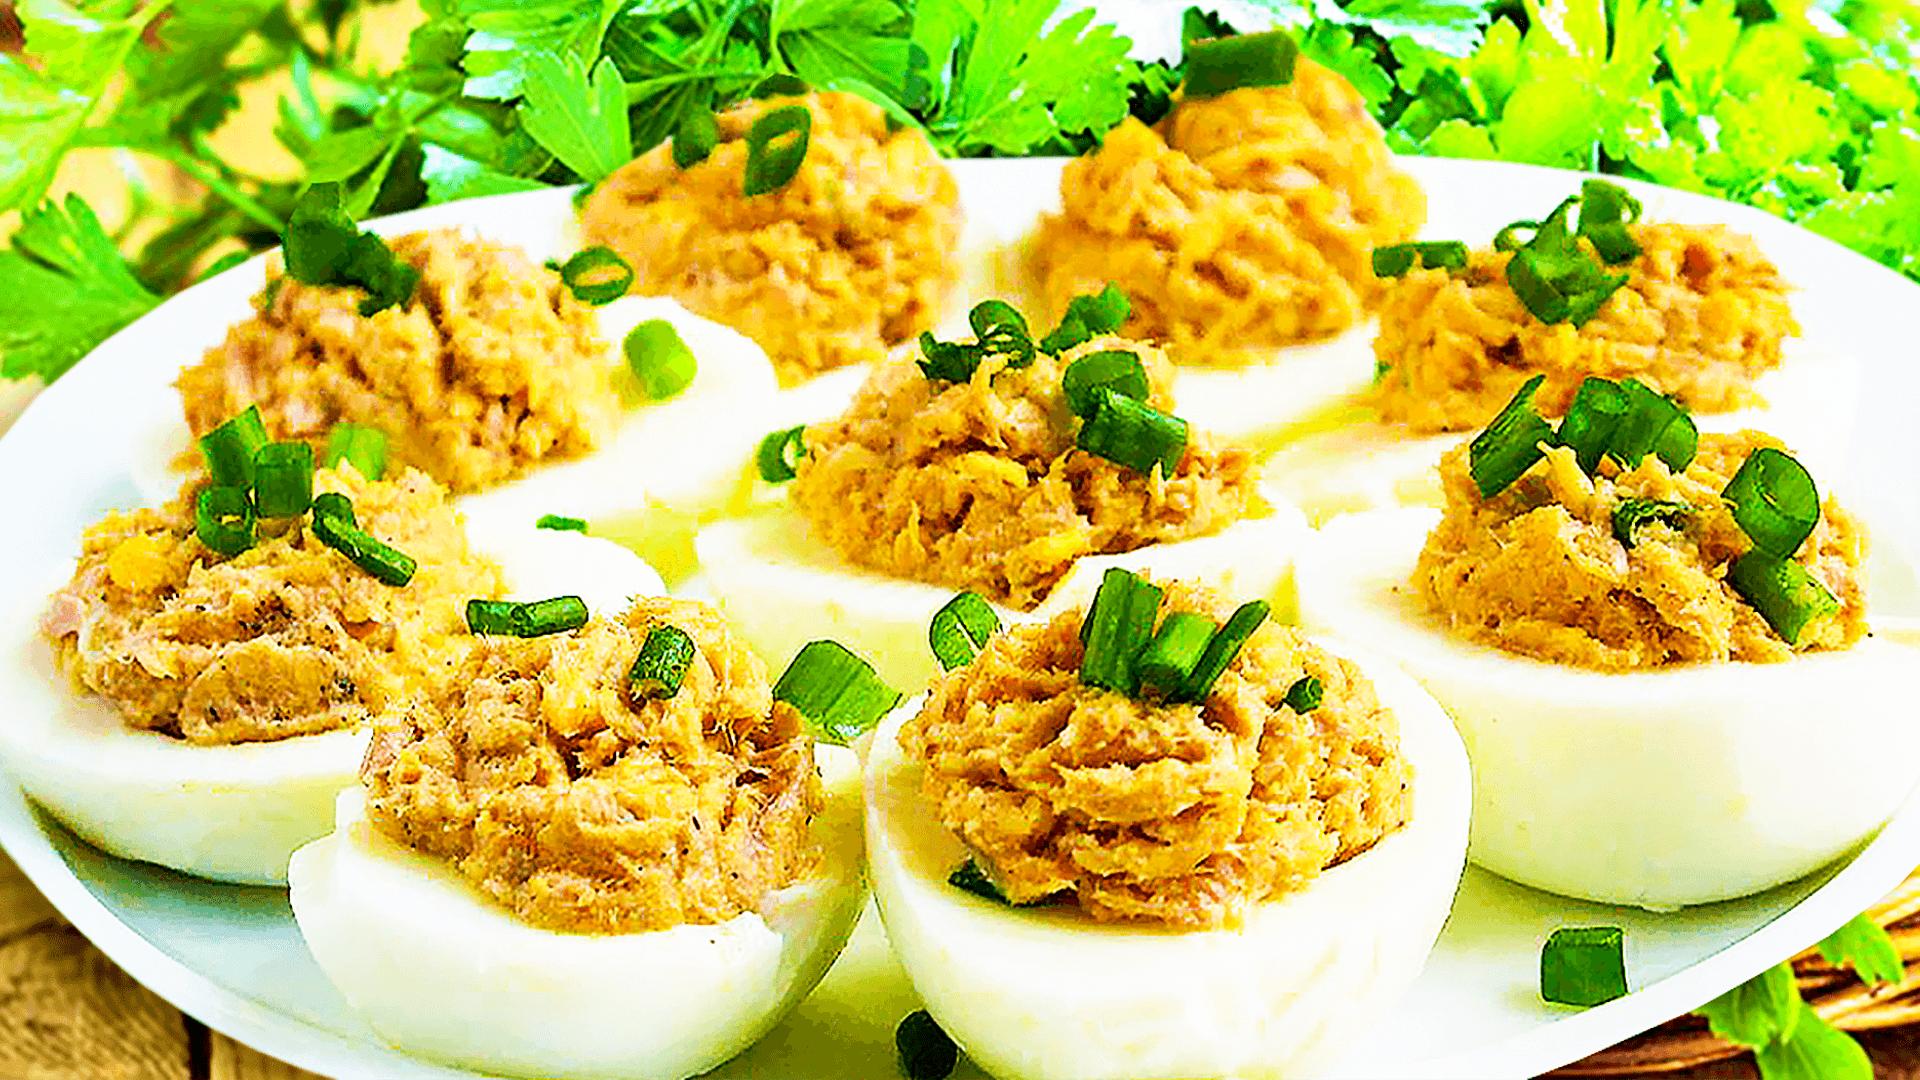 Easy Deviled Eggs Recipe to Make Tuna Deviled Eggs